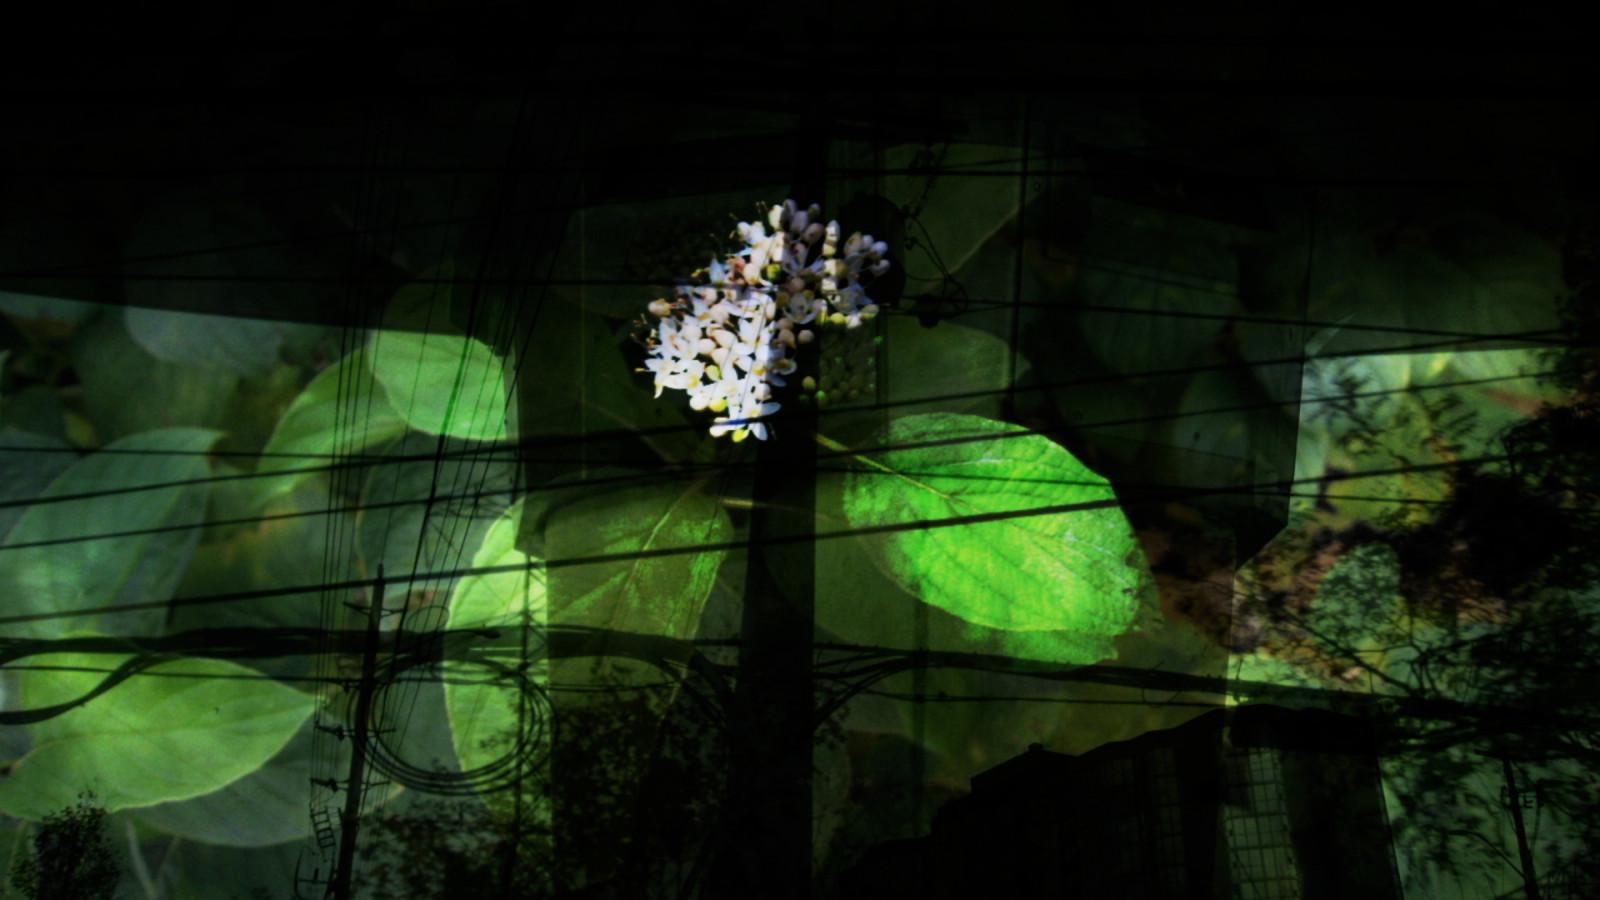 memento-mori-greenlampflowerxlarge-1471019790